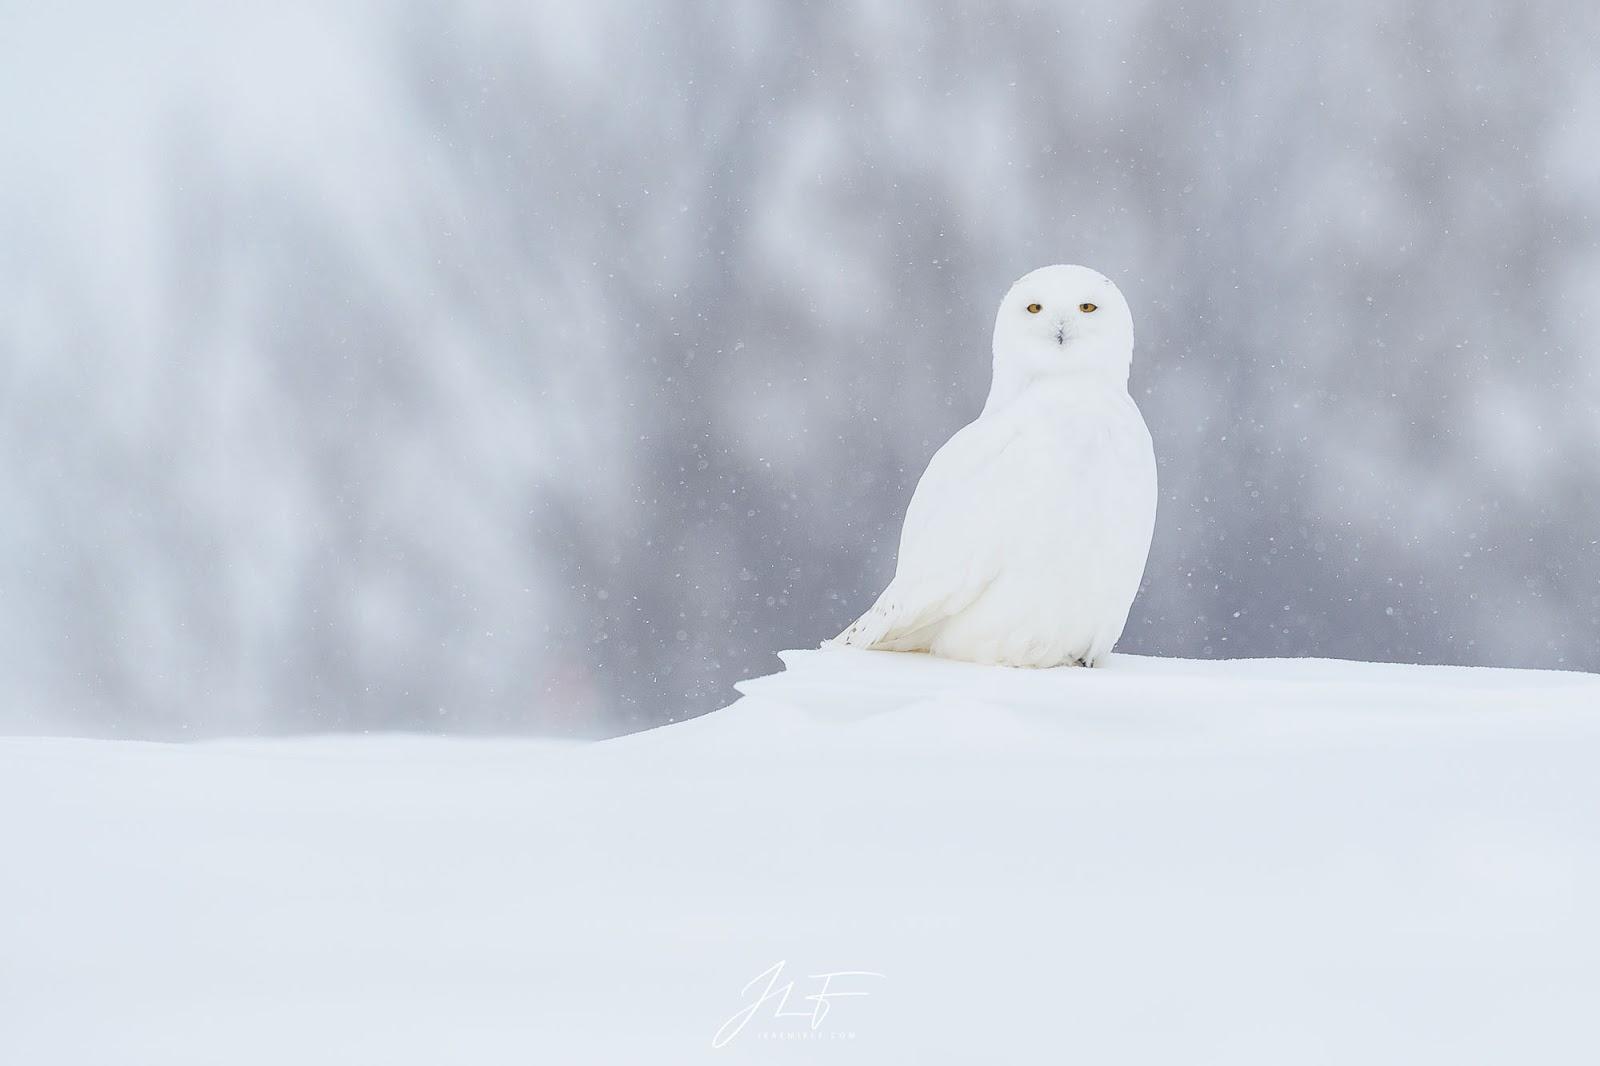 Neige blanc vidГ©o de sexe